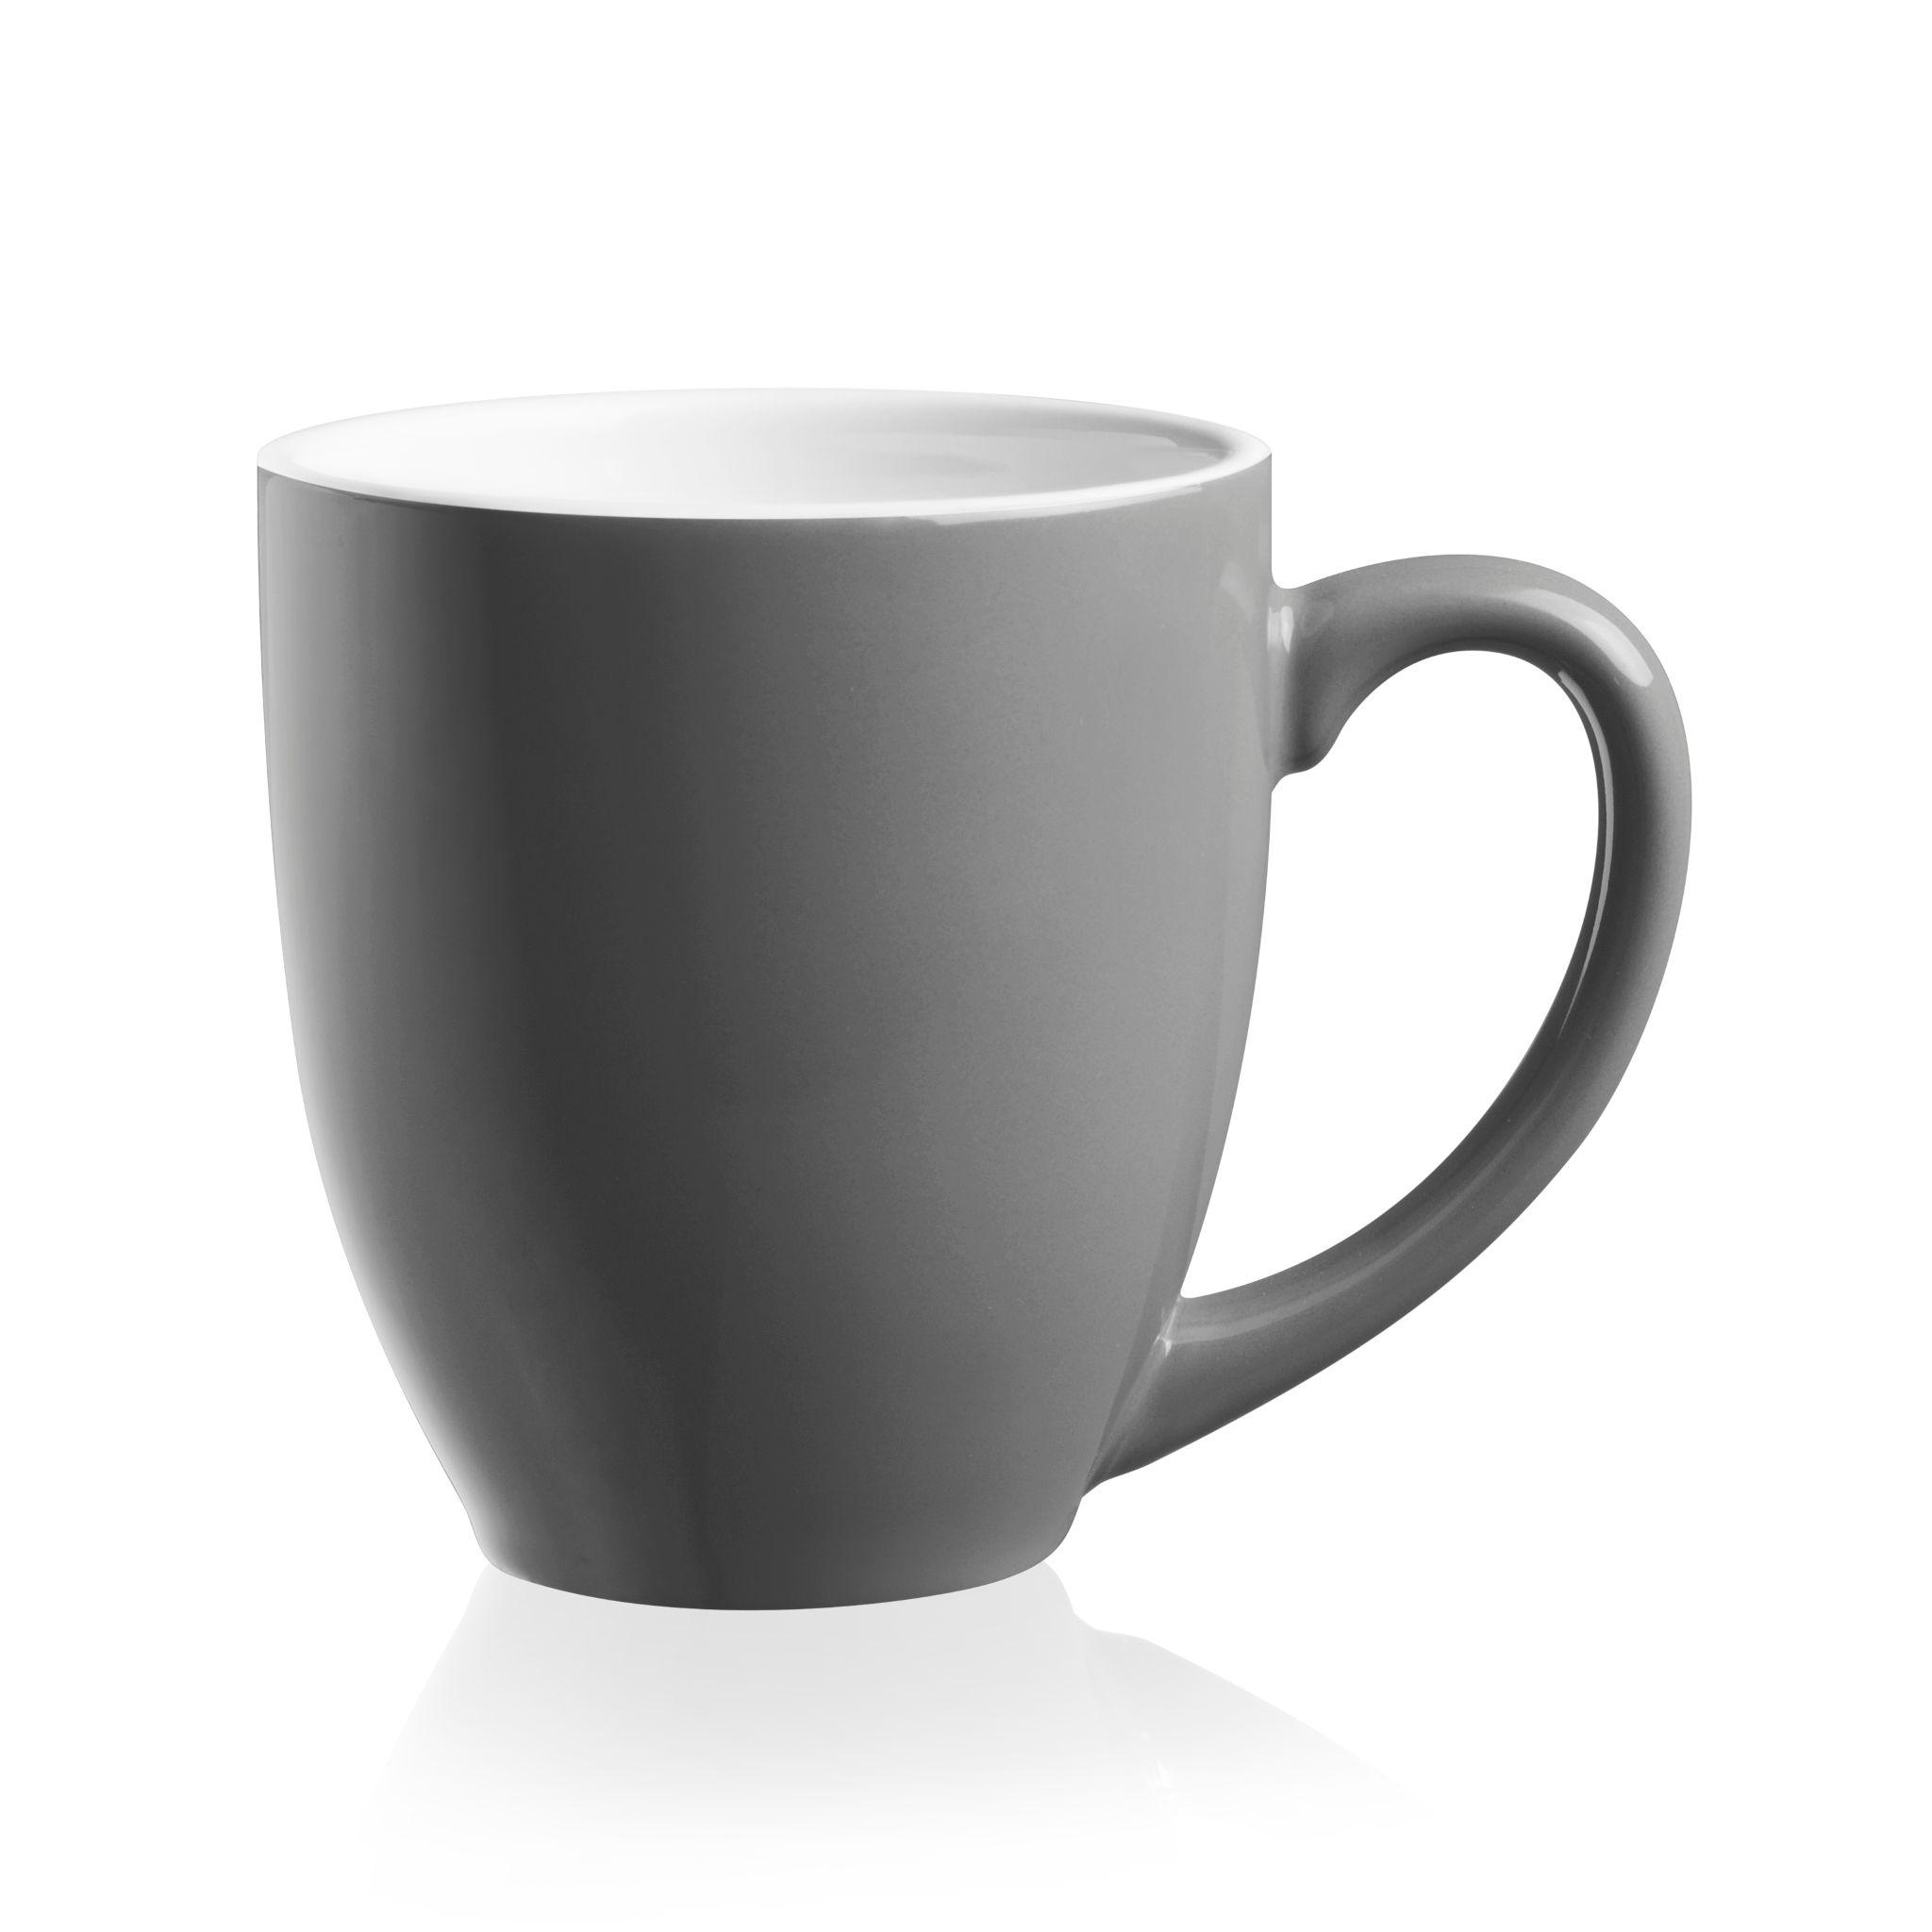 Farmstead Gray 13-ounce Mug